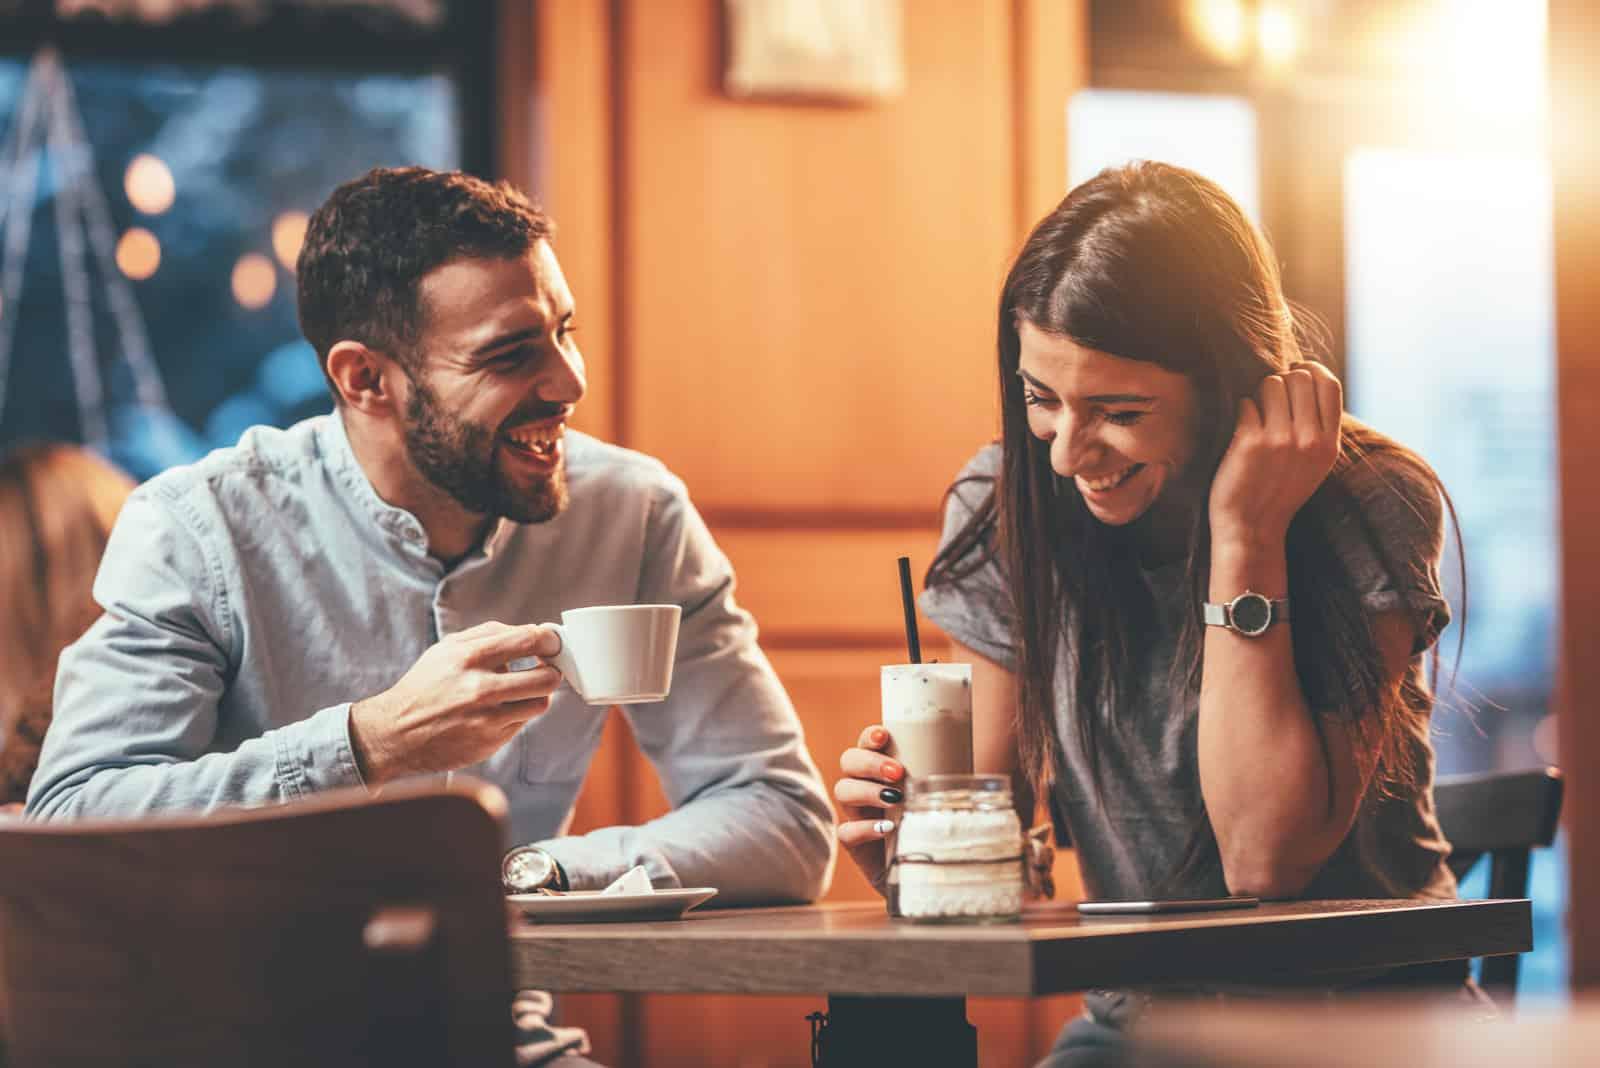 l'homme et la femme rient